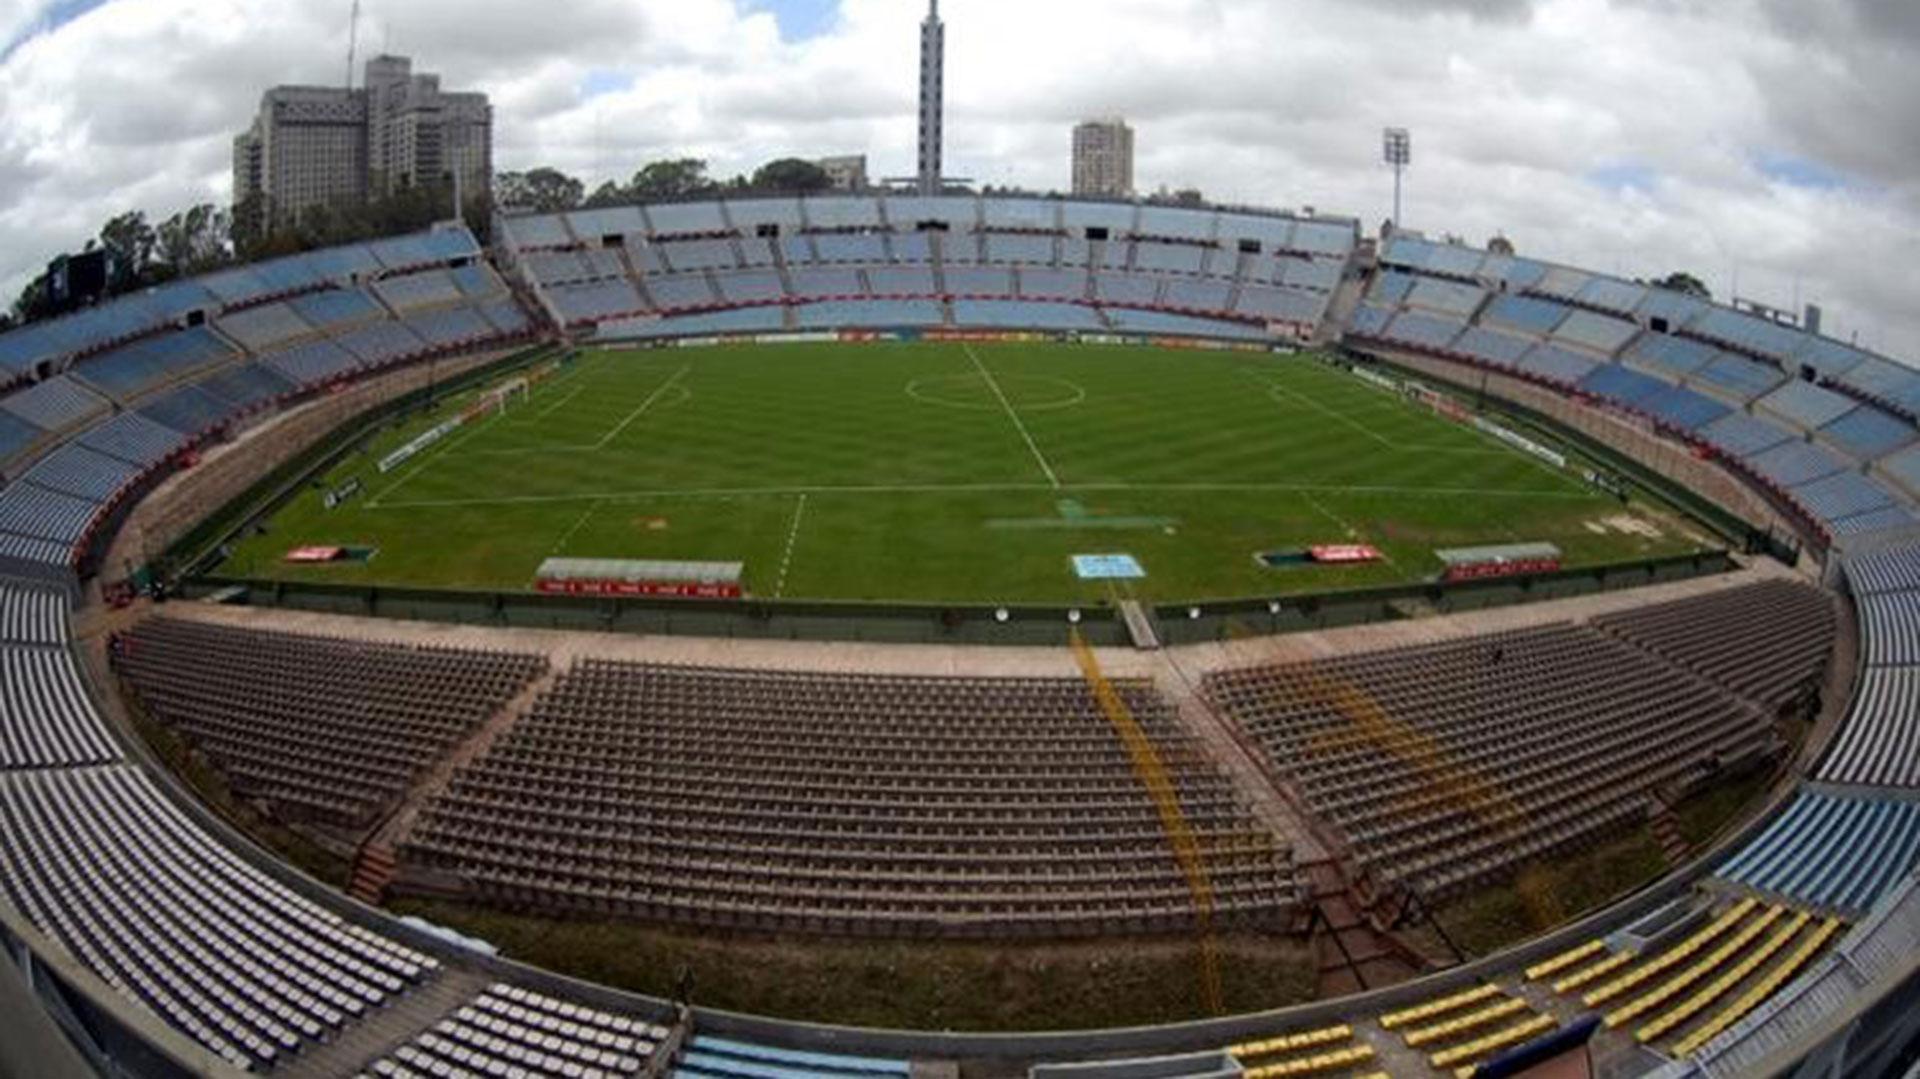 PUESTO 1 - 409 PARTIDOS / Estadio Centenario de Montevideo, Uruguay (EFE)